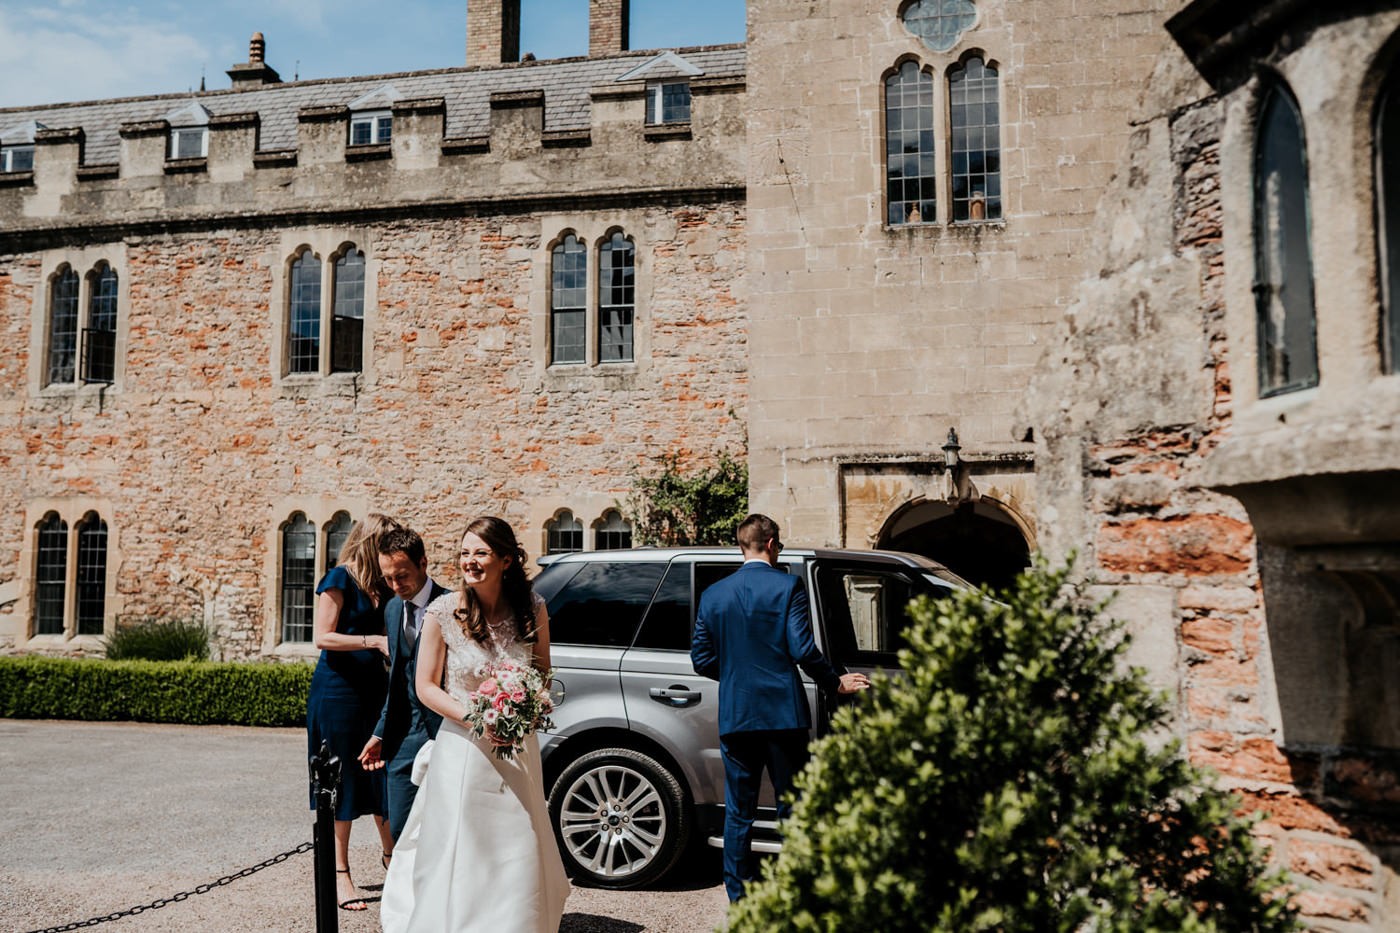 bishops palace wedding